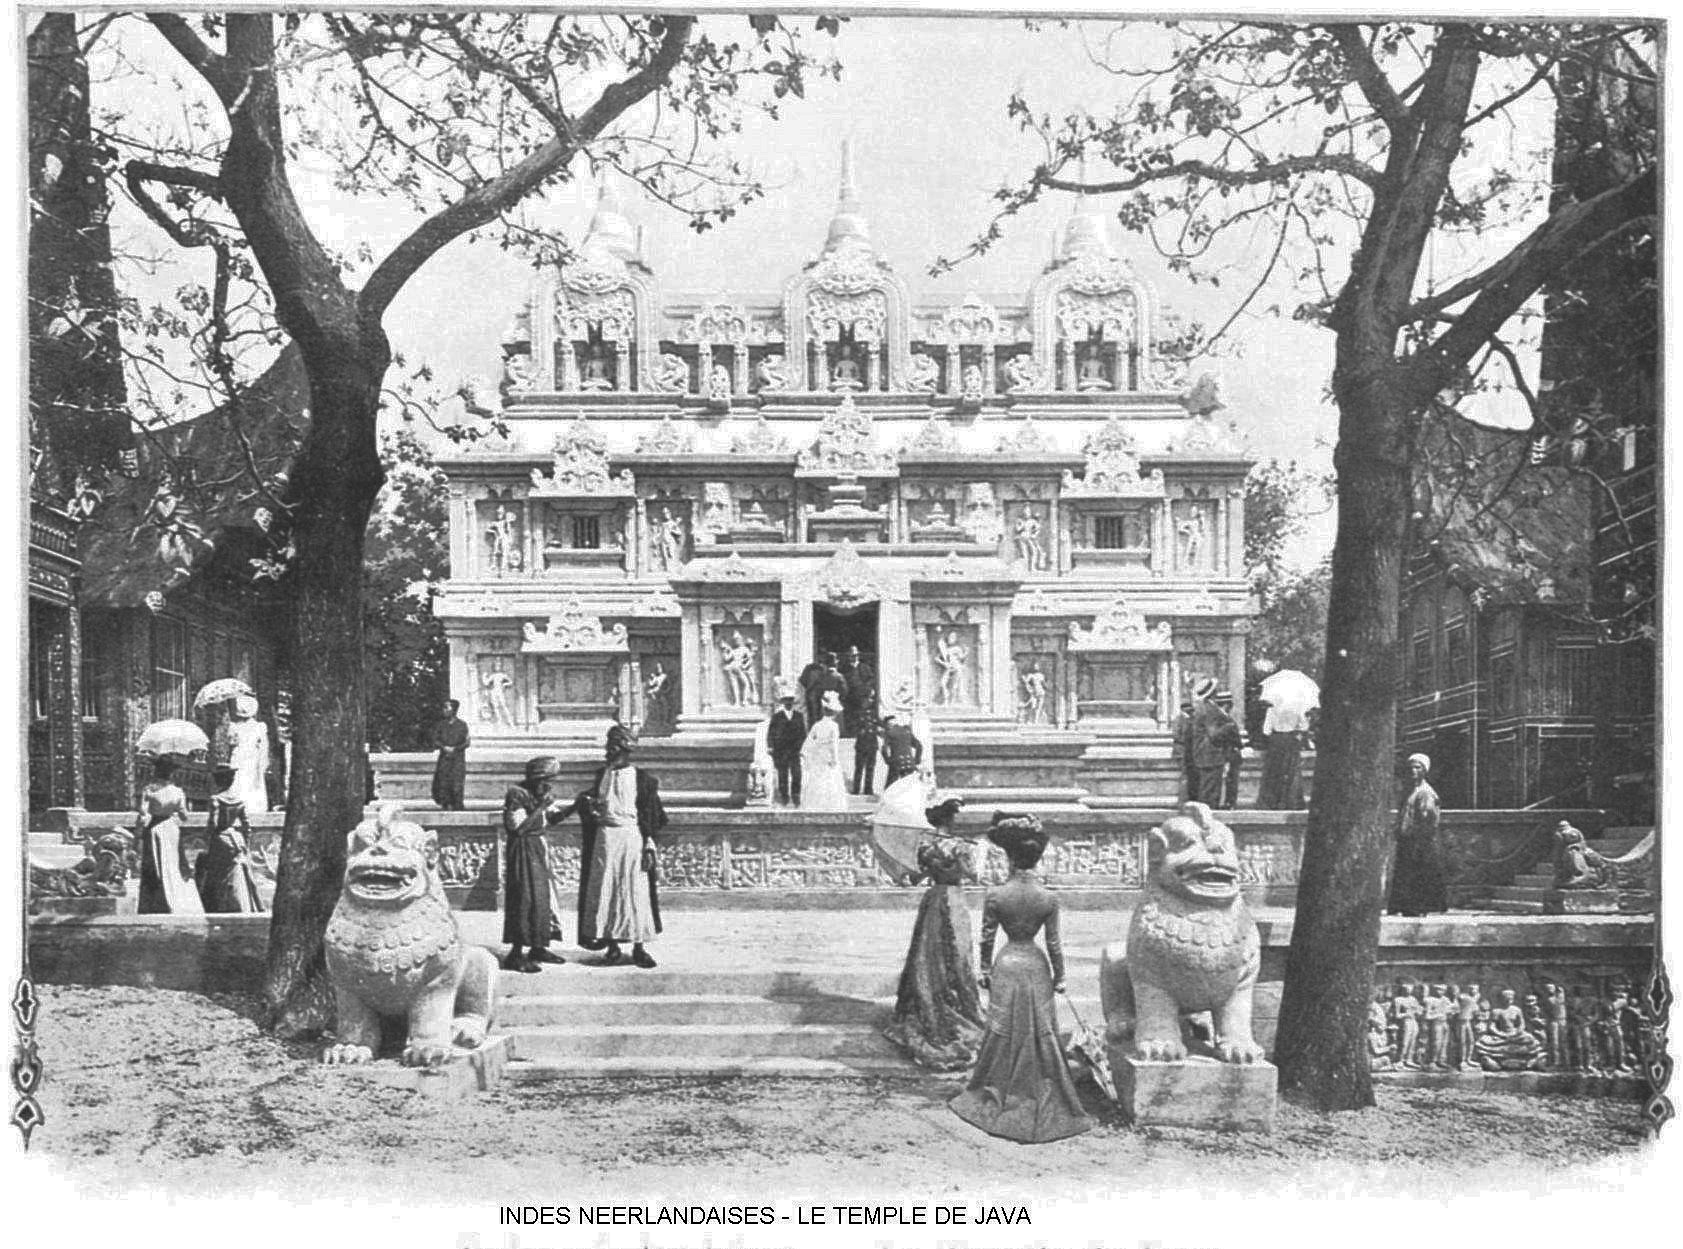 Ressources histoire exposition universelle 1900 indes neerlandaises le temple de java